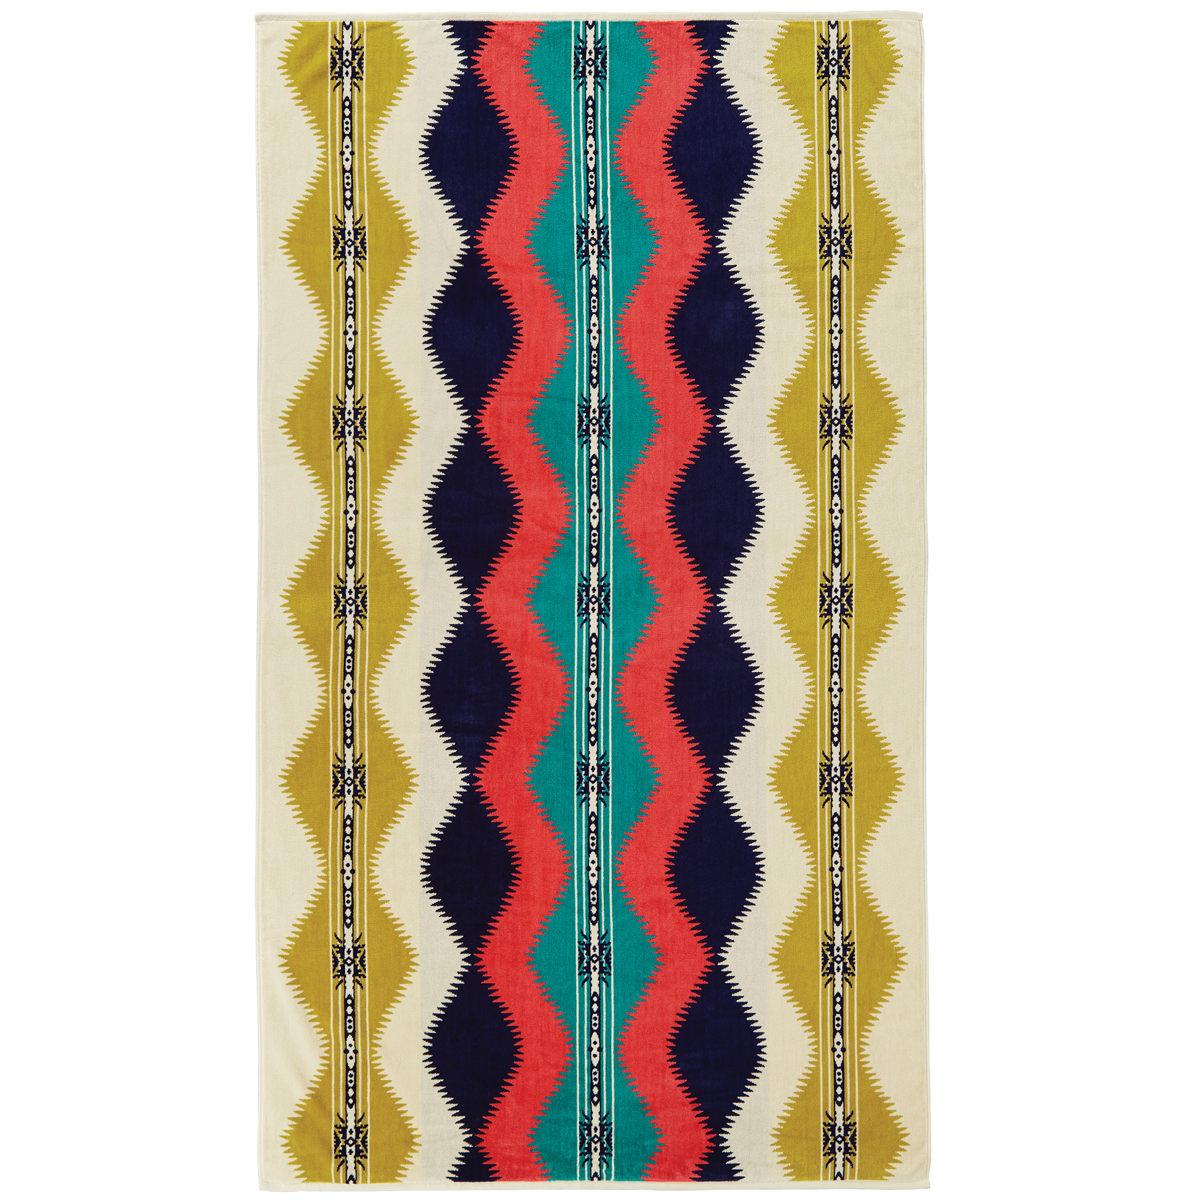 PENDLETON/ペンドルトン ジャガードバスタオルオーバーサイズ XB233 Saguaro(55104)